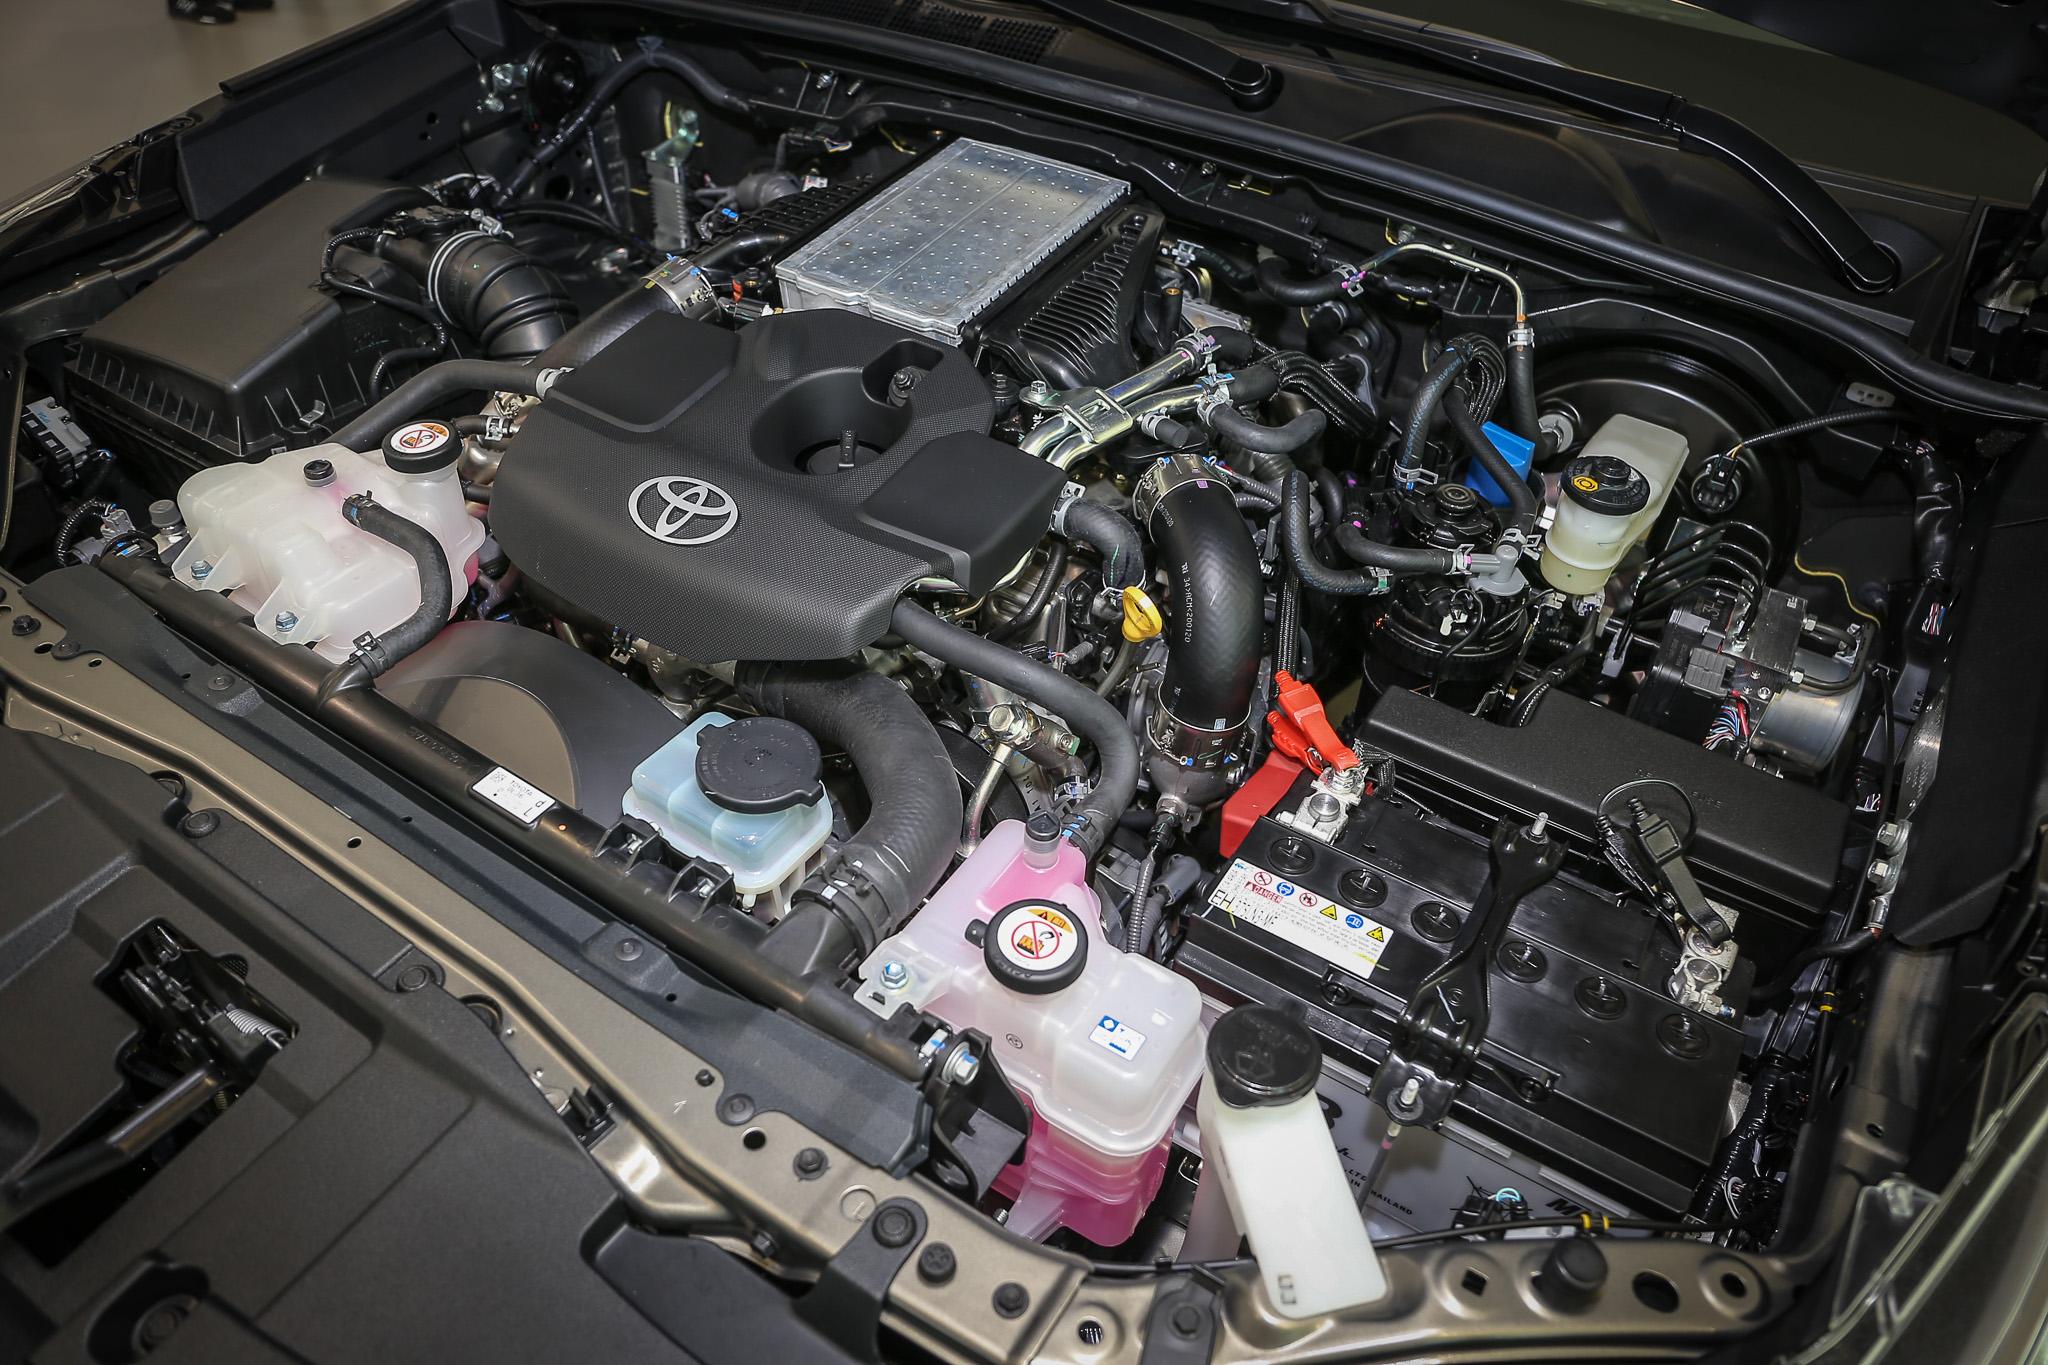 同樣搭載 2.7 升柴油引擎,具備 204ps/3400rpm 最大馬力與 51.0kgm/1600~2800rpm 最大扭力。